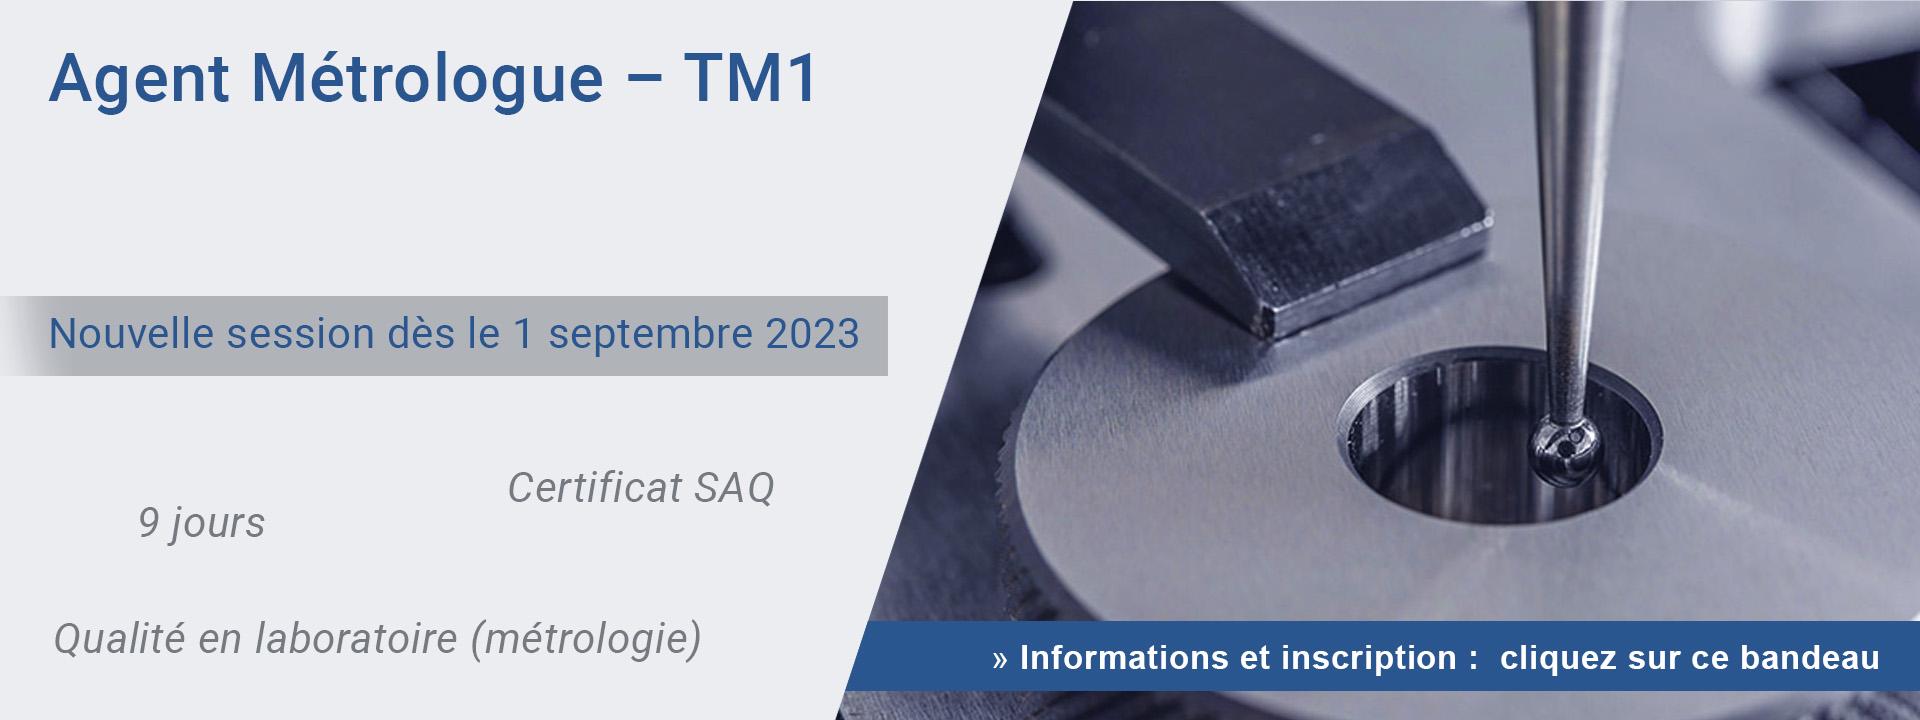 Agent Métrologue – TM1